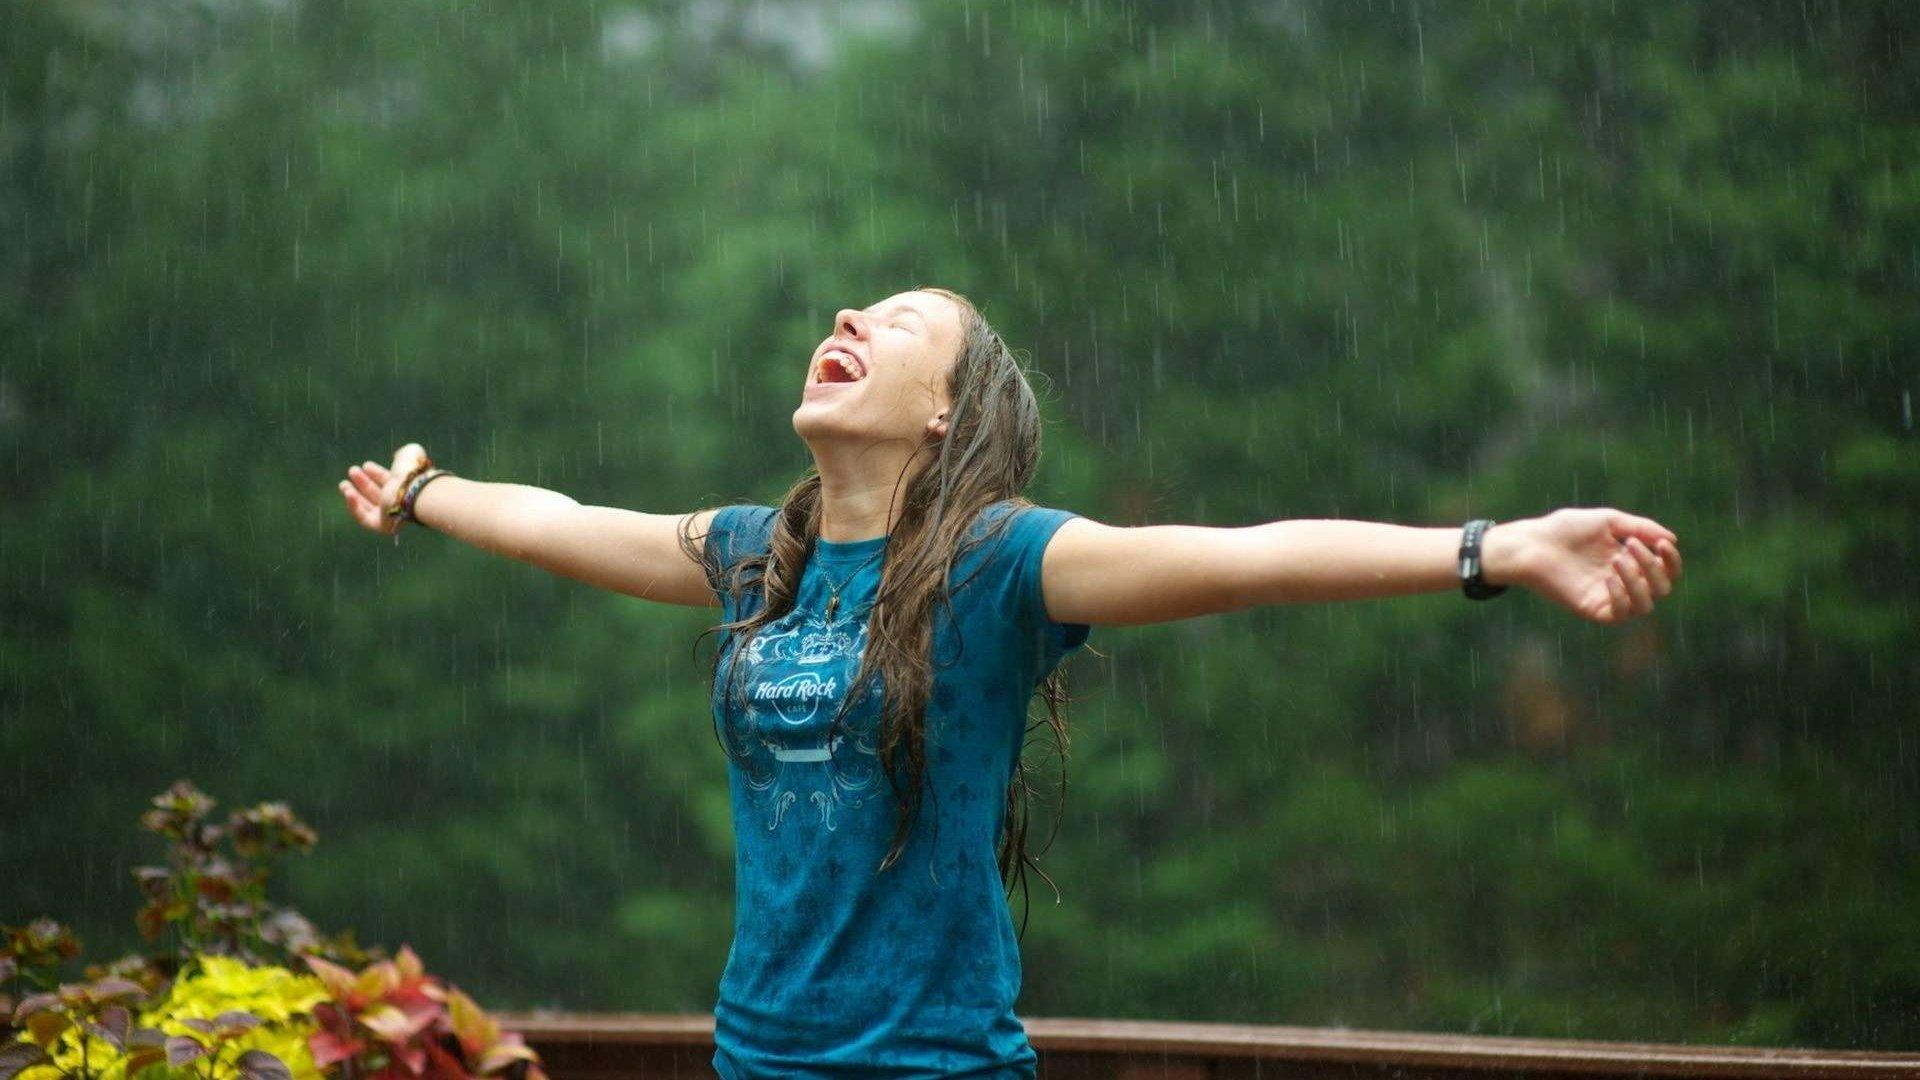 Поздравления бракосочетанием, картинки природа дождь девушка